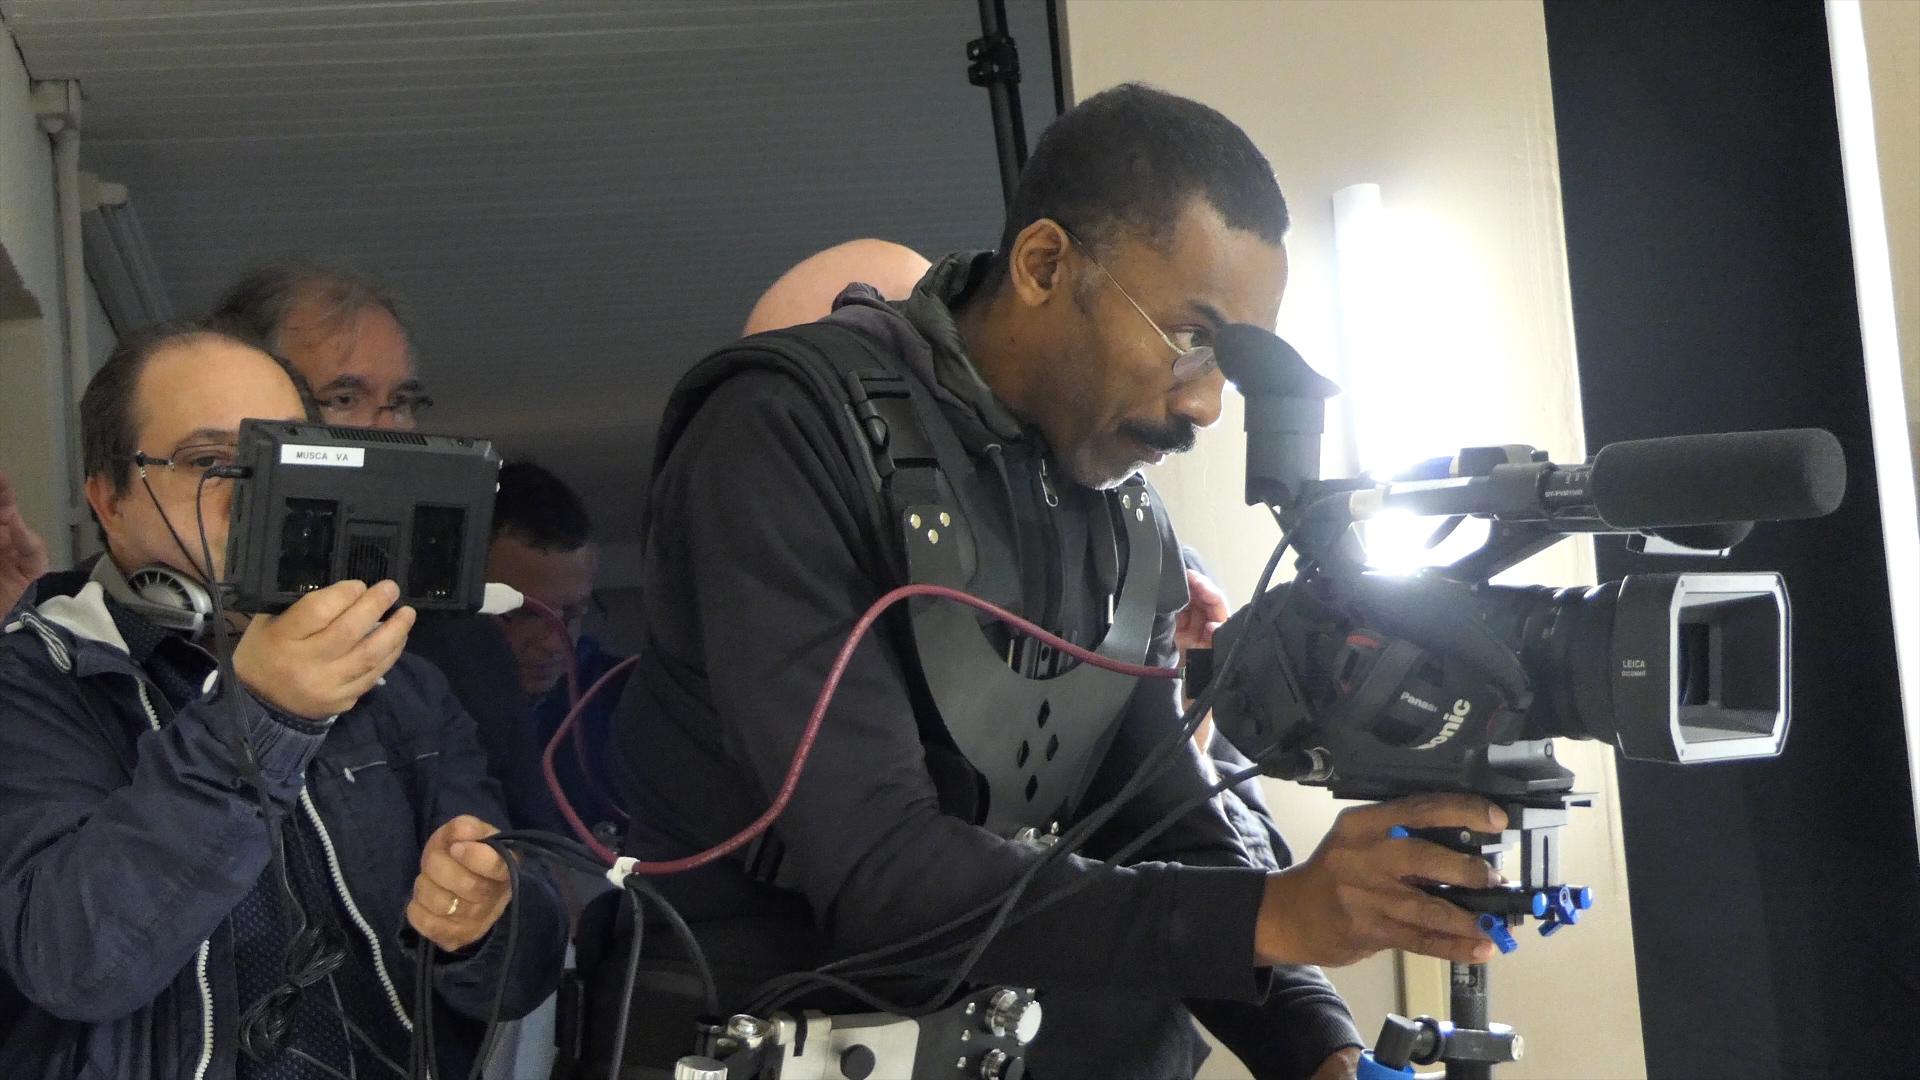 Tontons cadreurs tournage polar43